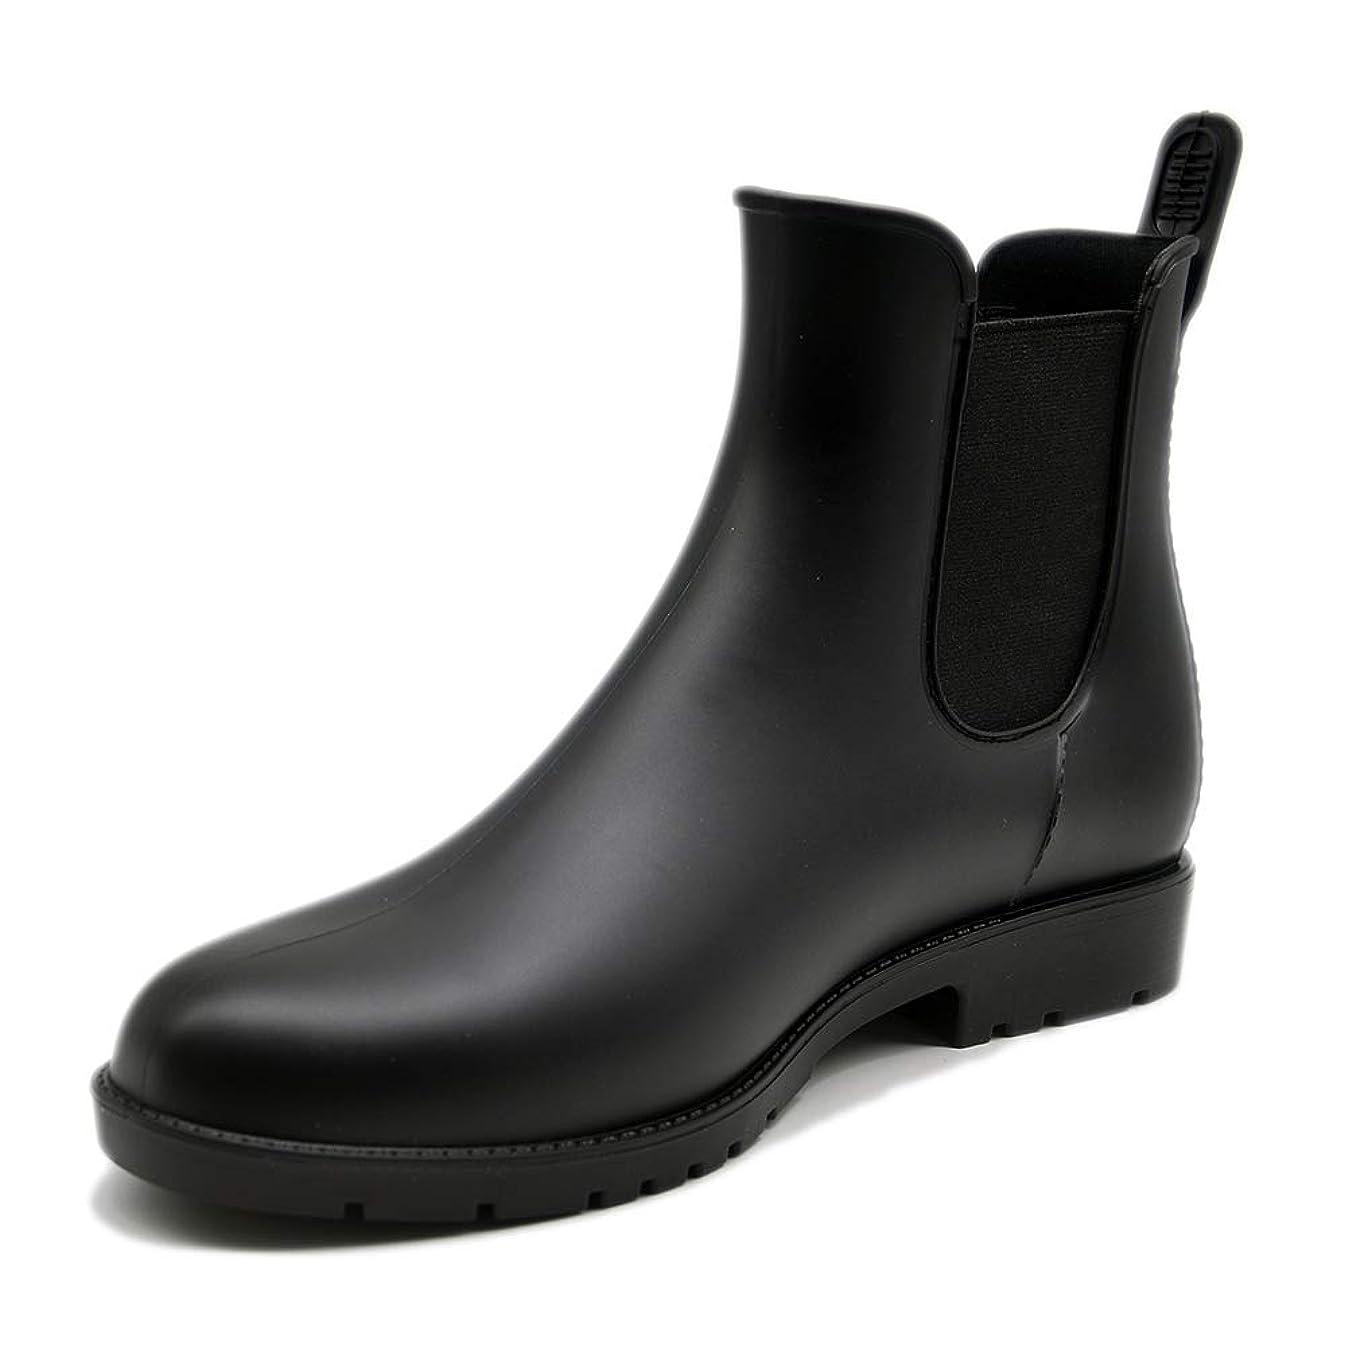 固める精算悲しみ[Tomorrow's star] レインシューズ レディース レインブーツ 雨靴 サイドゴア 晴雨兼用